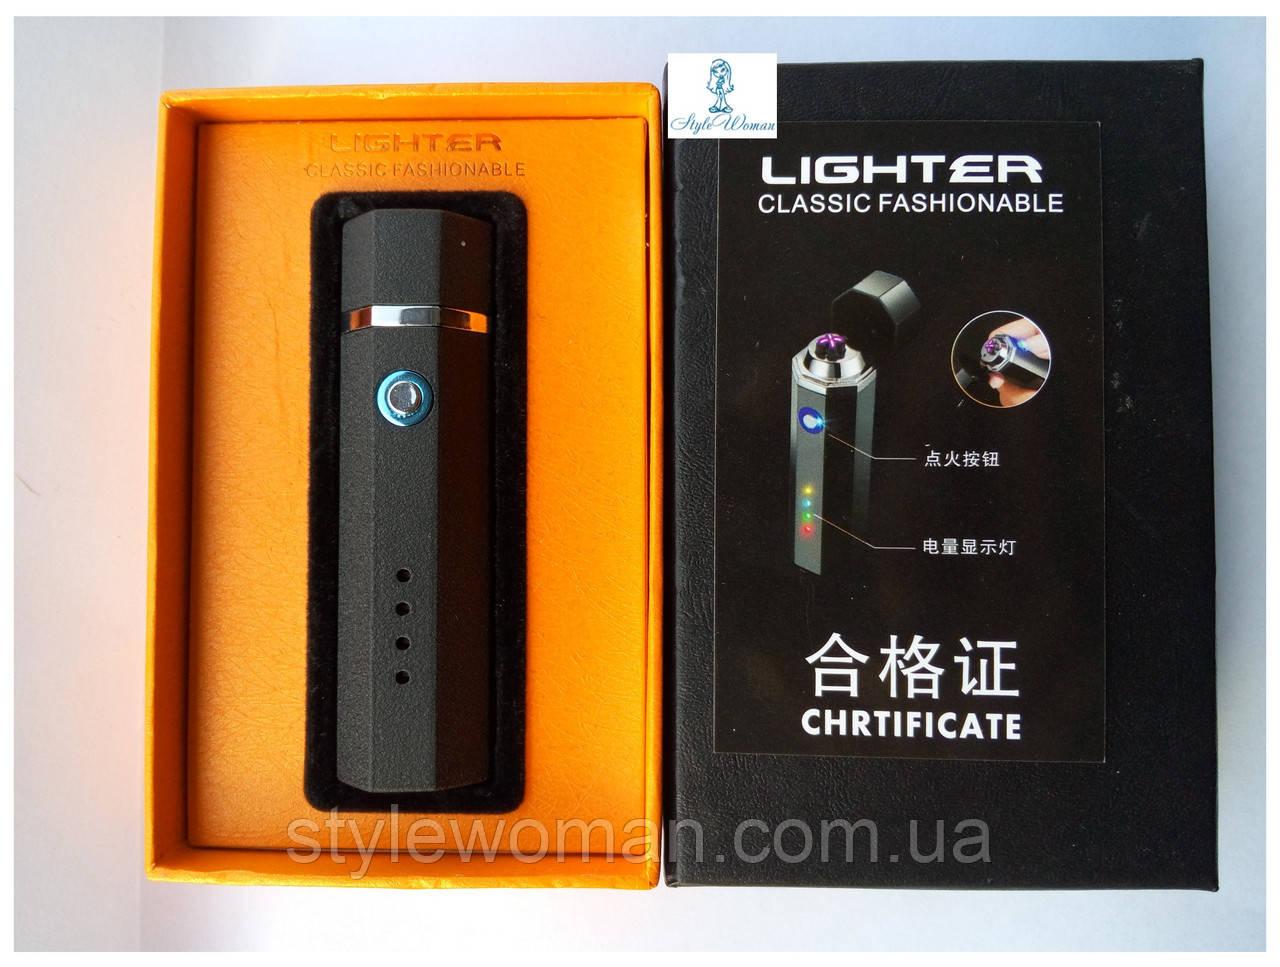 Электро-импульсная USB зажигалка HL-28 с двумя перекрестными молниями черная